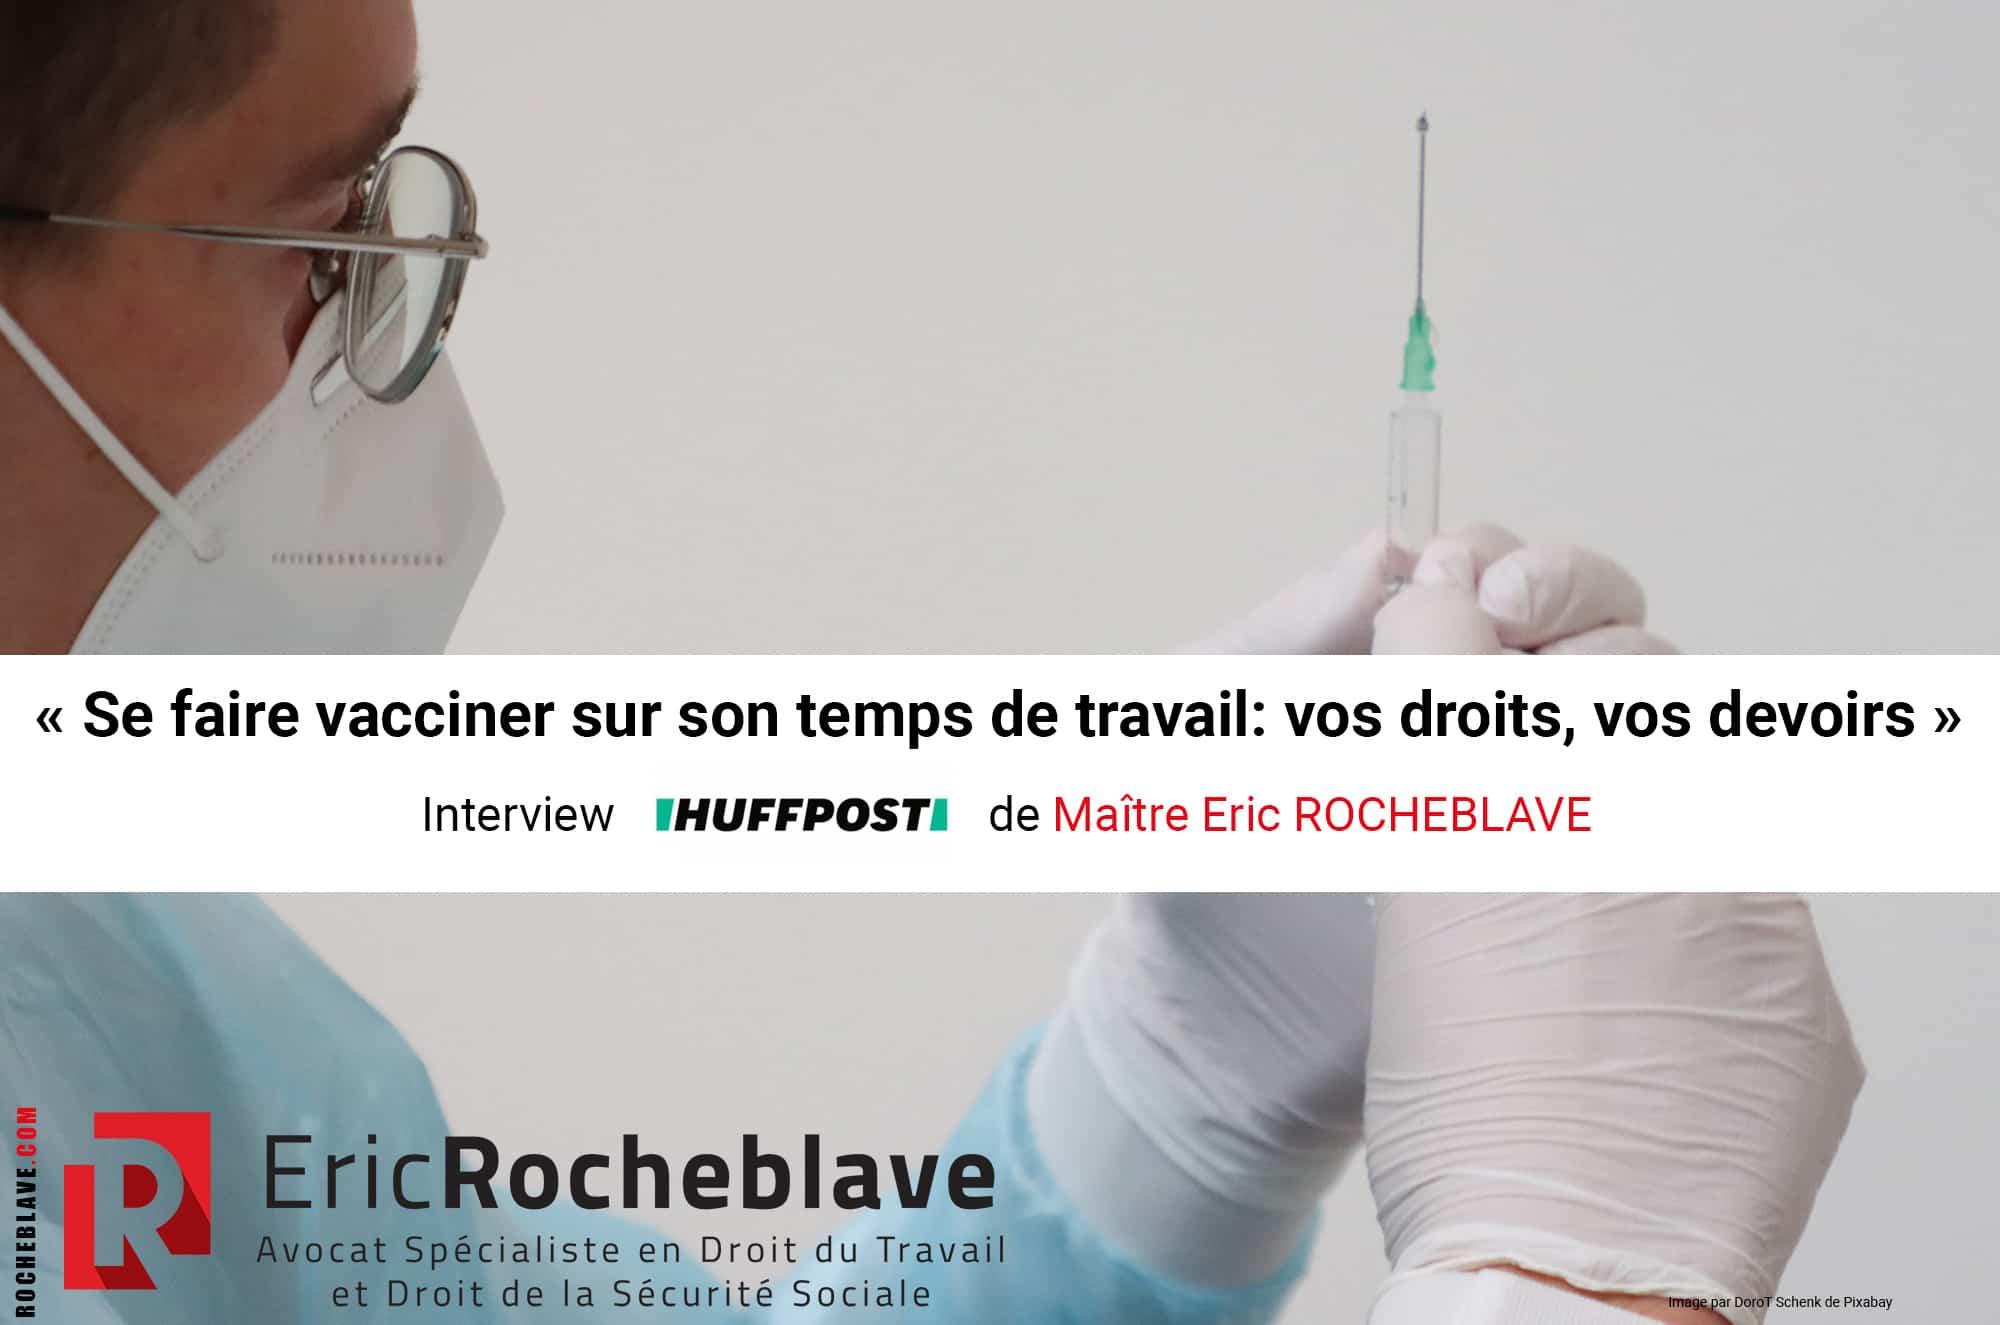 « Se faire vacciner sur son temps de travail: vos droits, vos devoirs » Interview HUFFPOST de Maître Eric ROCHEBLAVE